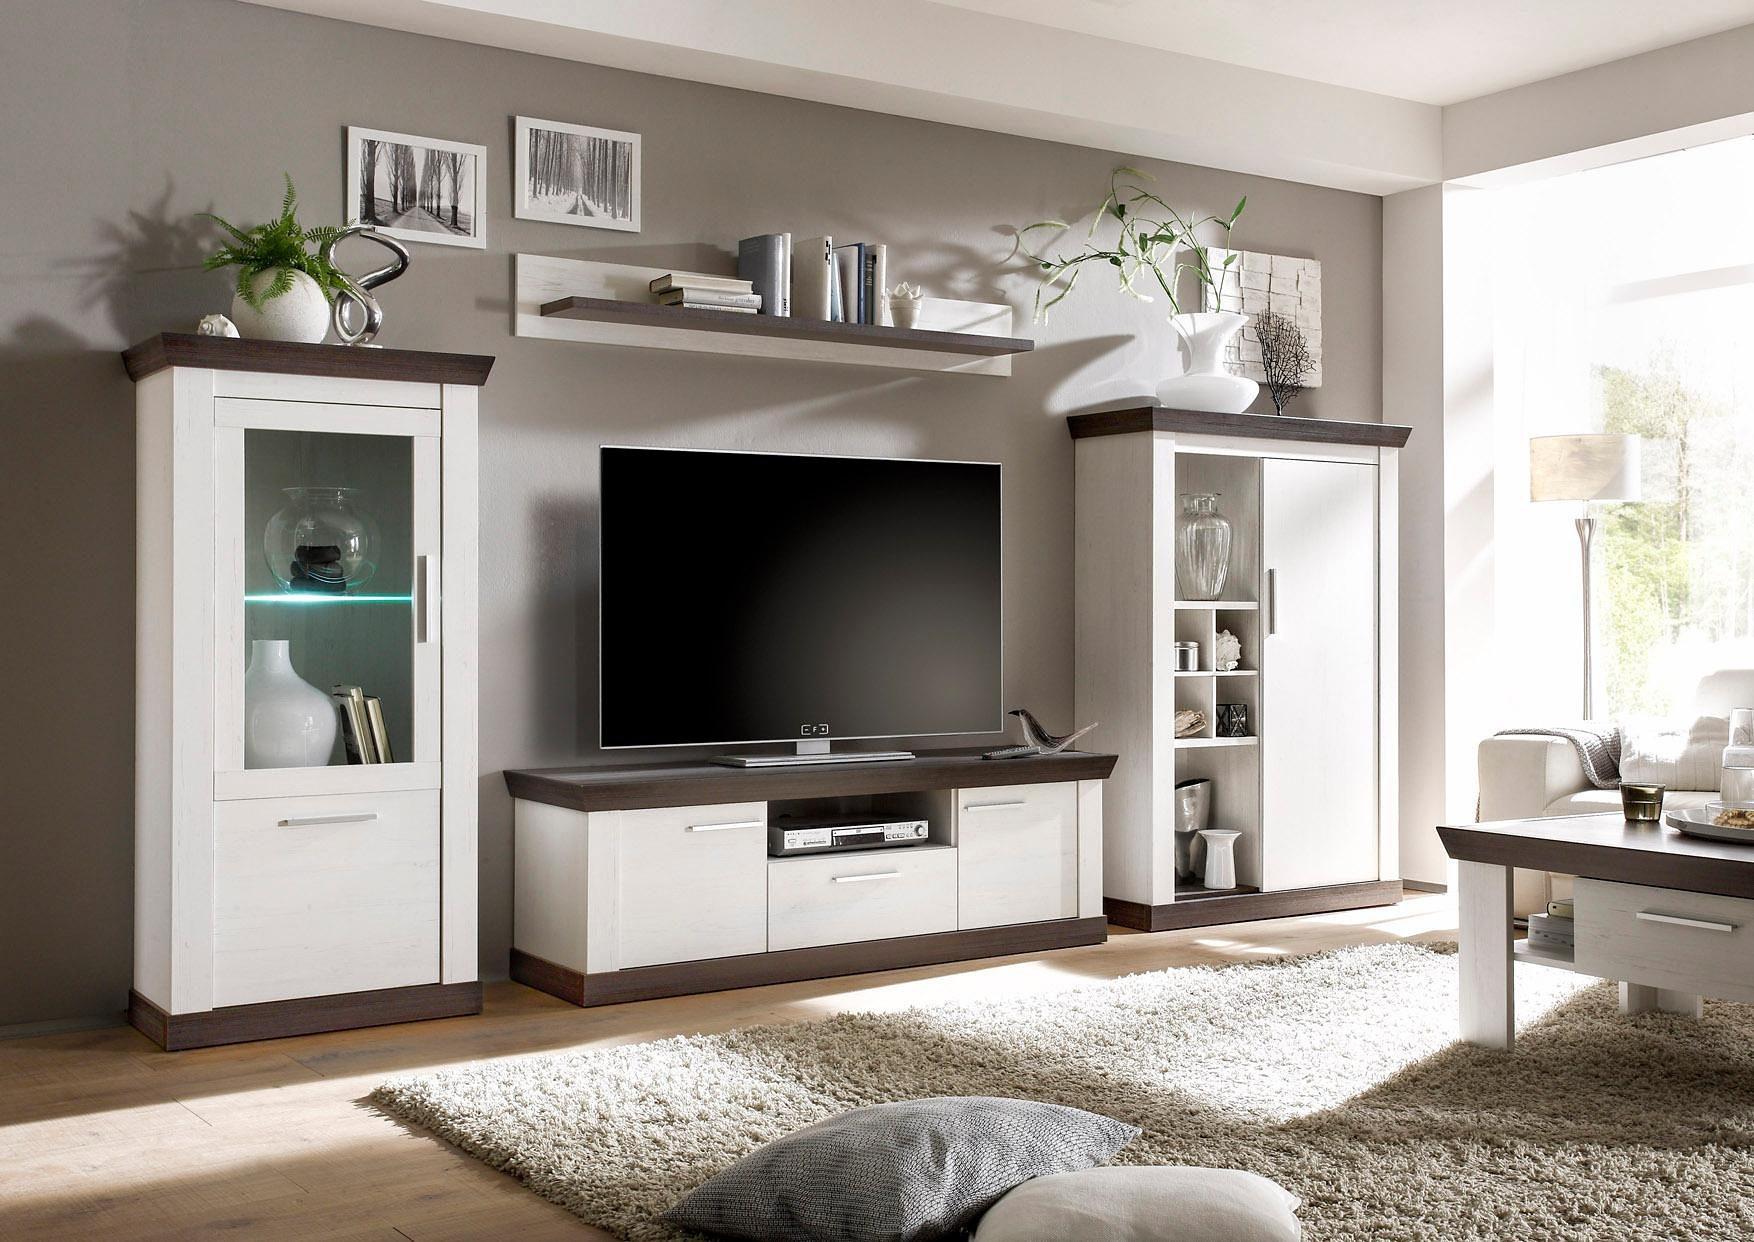 Wohnzimmer Ideen » Tolle Bilder & Inspiration  OTTO